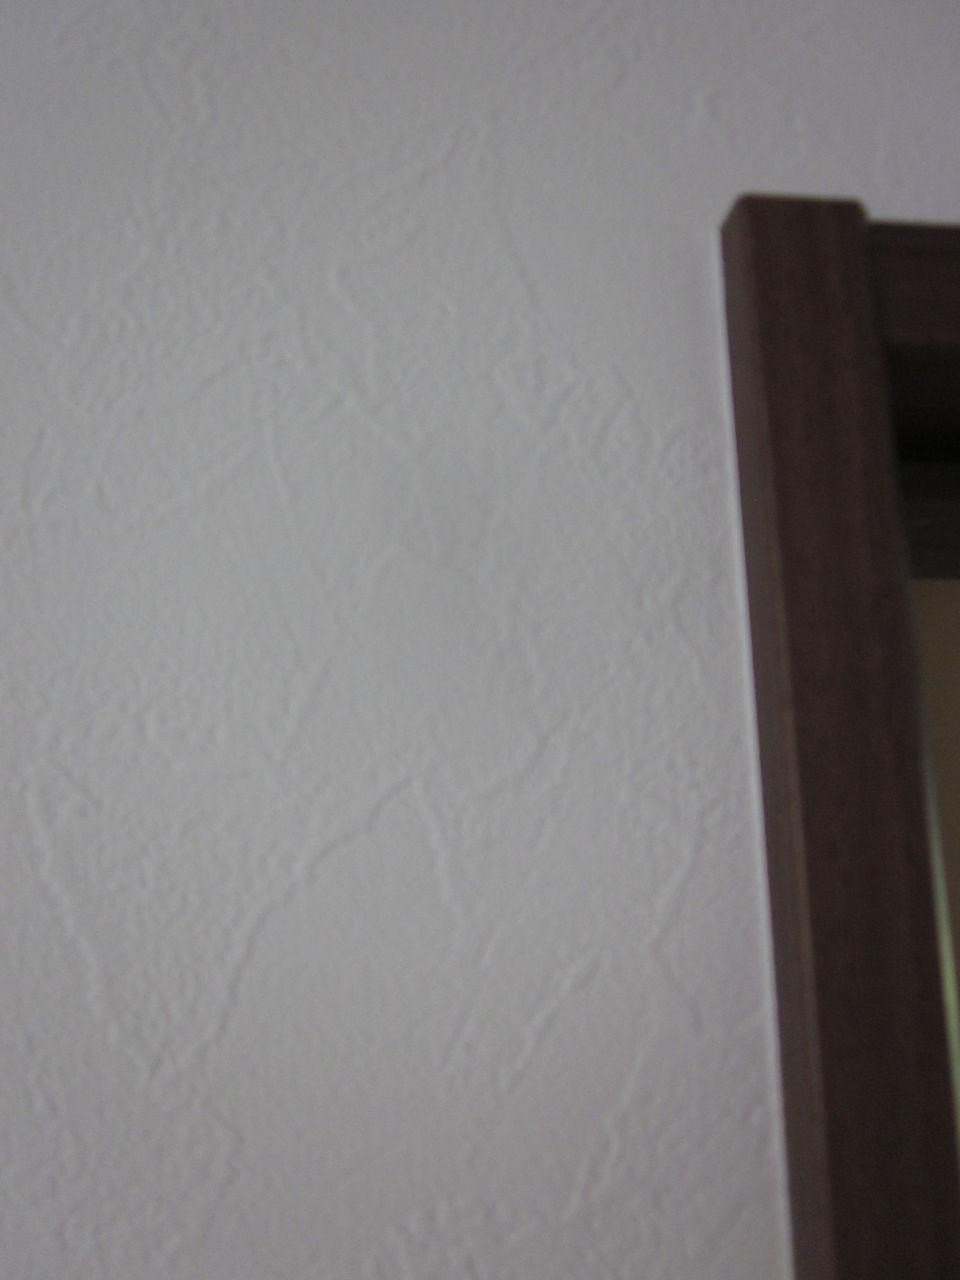 新築工事 壁紙 1 2fトイレ ベースクロス ヒカリハウジングの新築工事